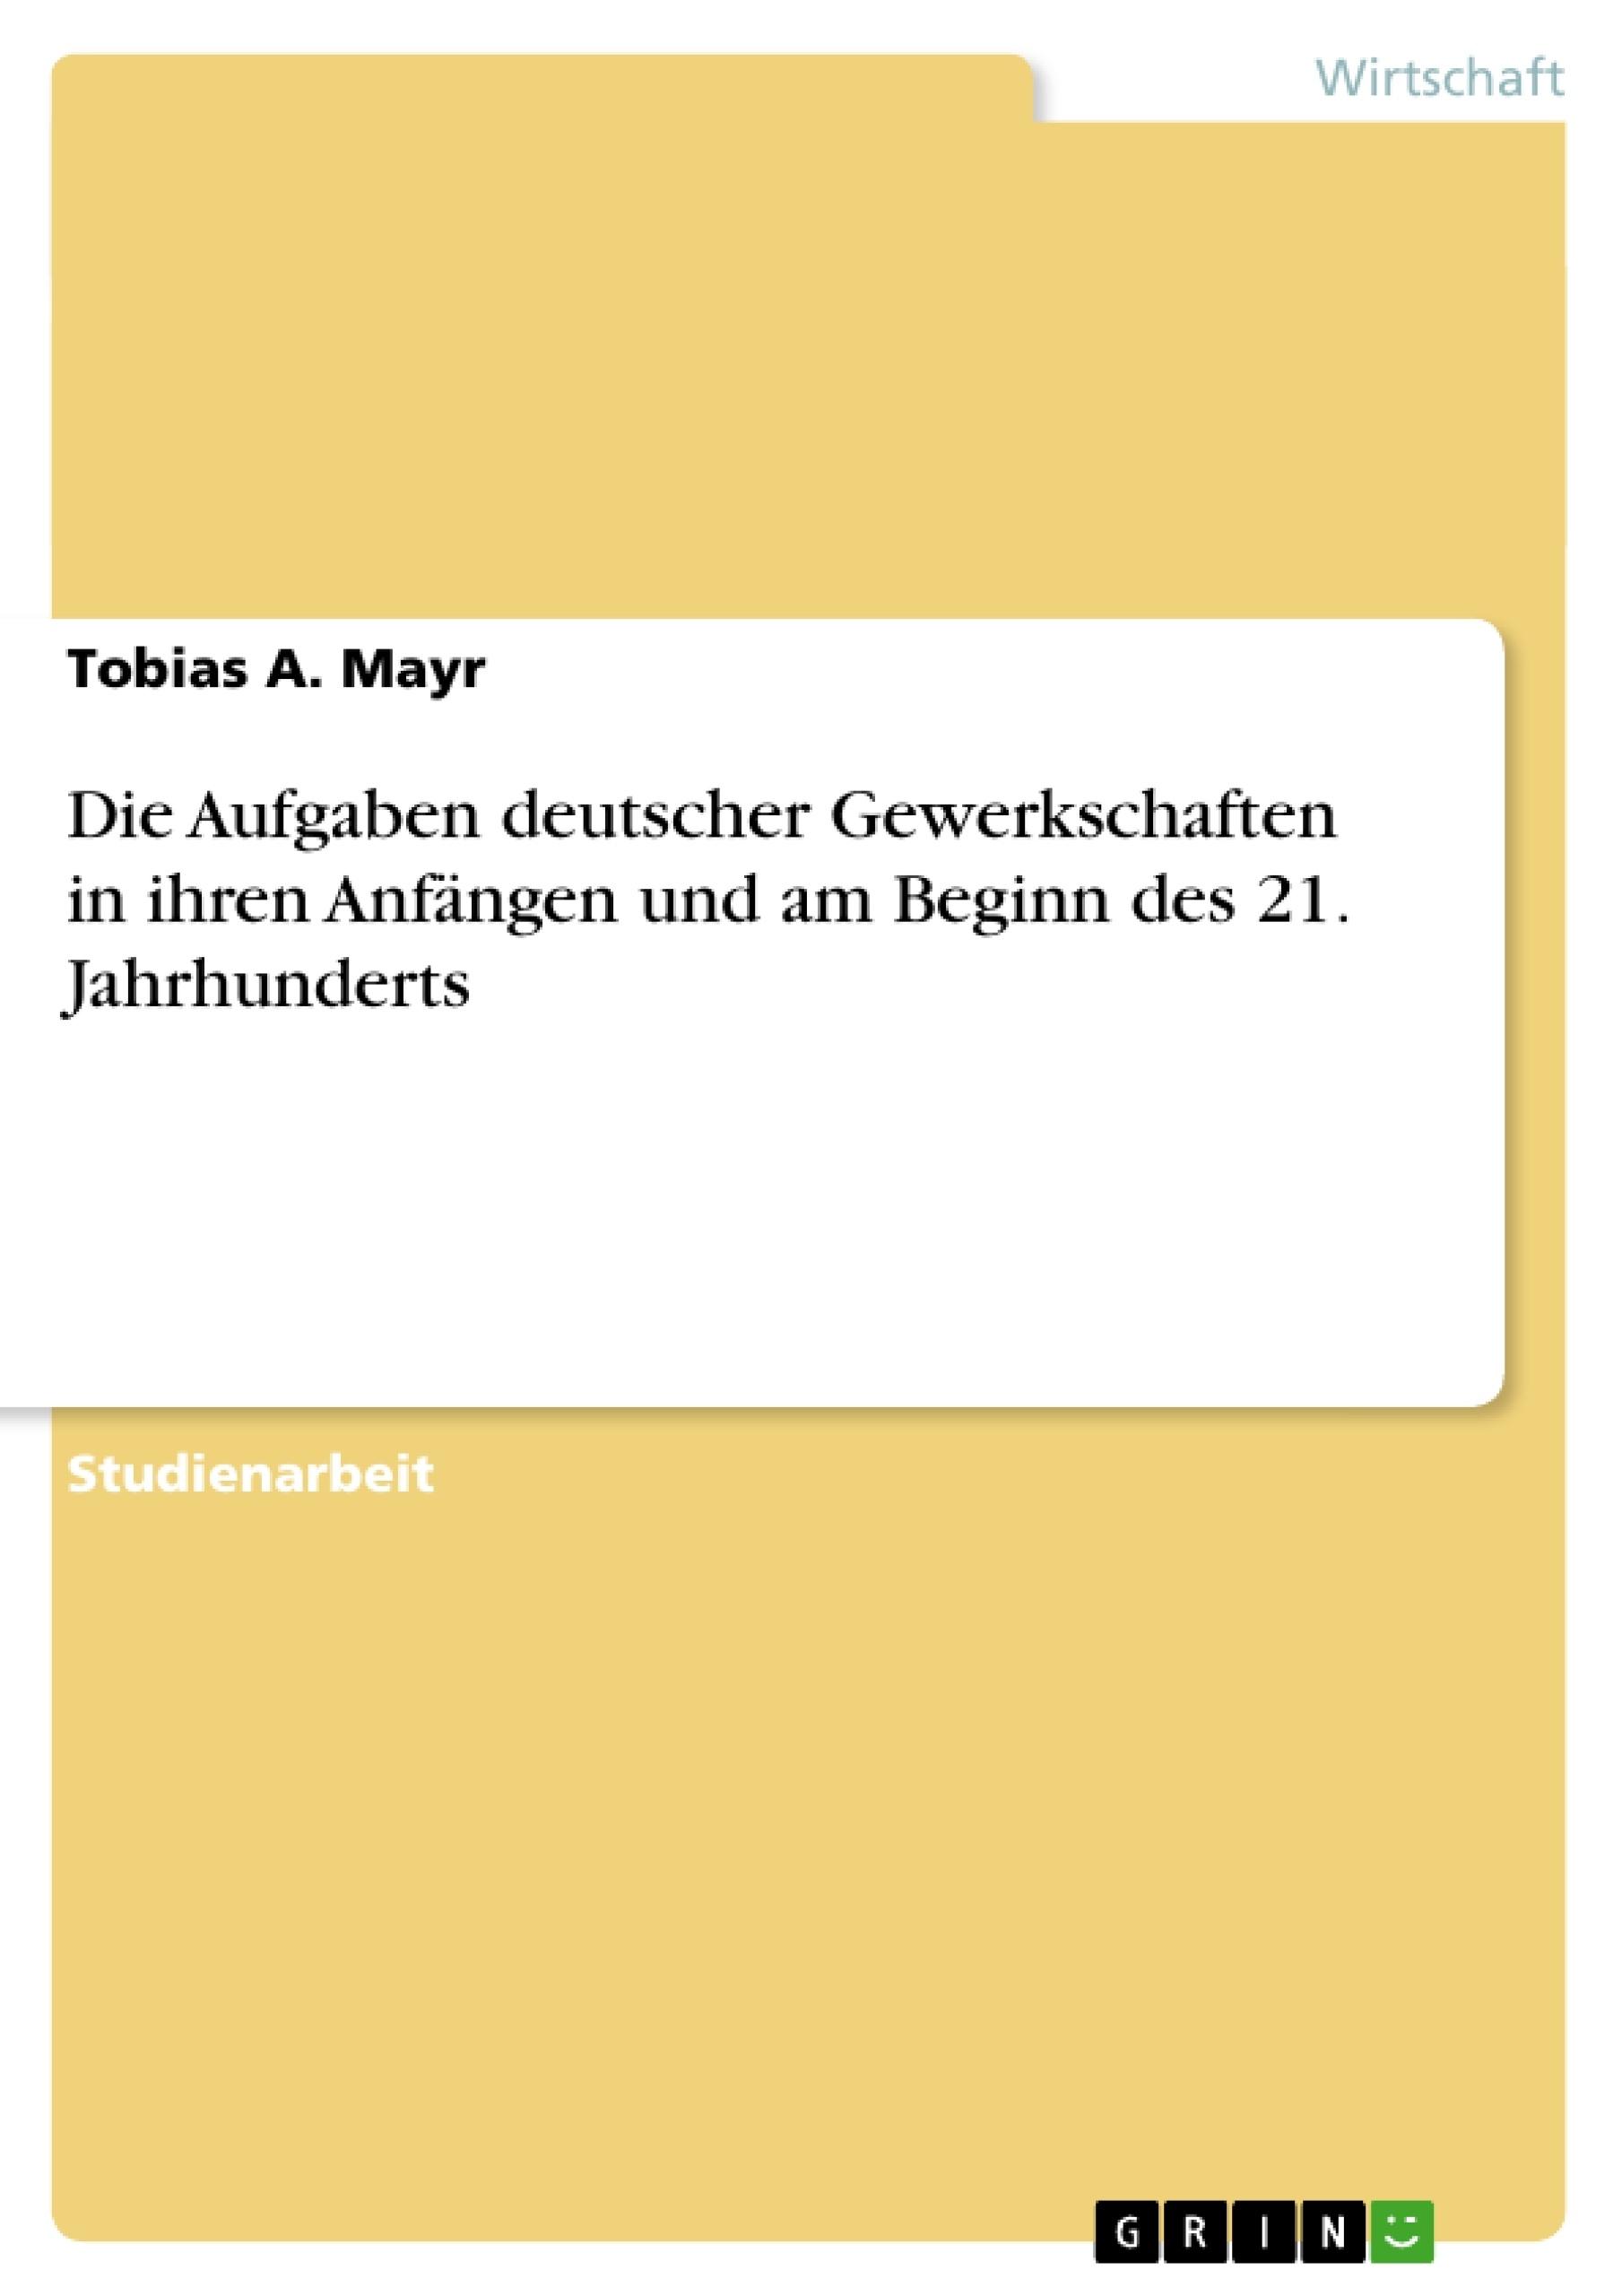 Titel: Die Aufgaben deutscher Gewerkschaften in ihren Anfängen und am Beginn des 21. Jahrhunderts